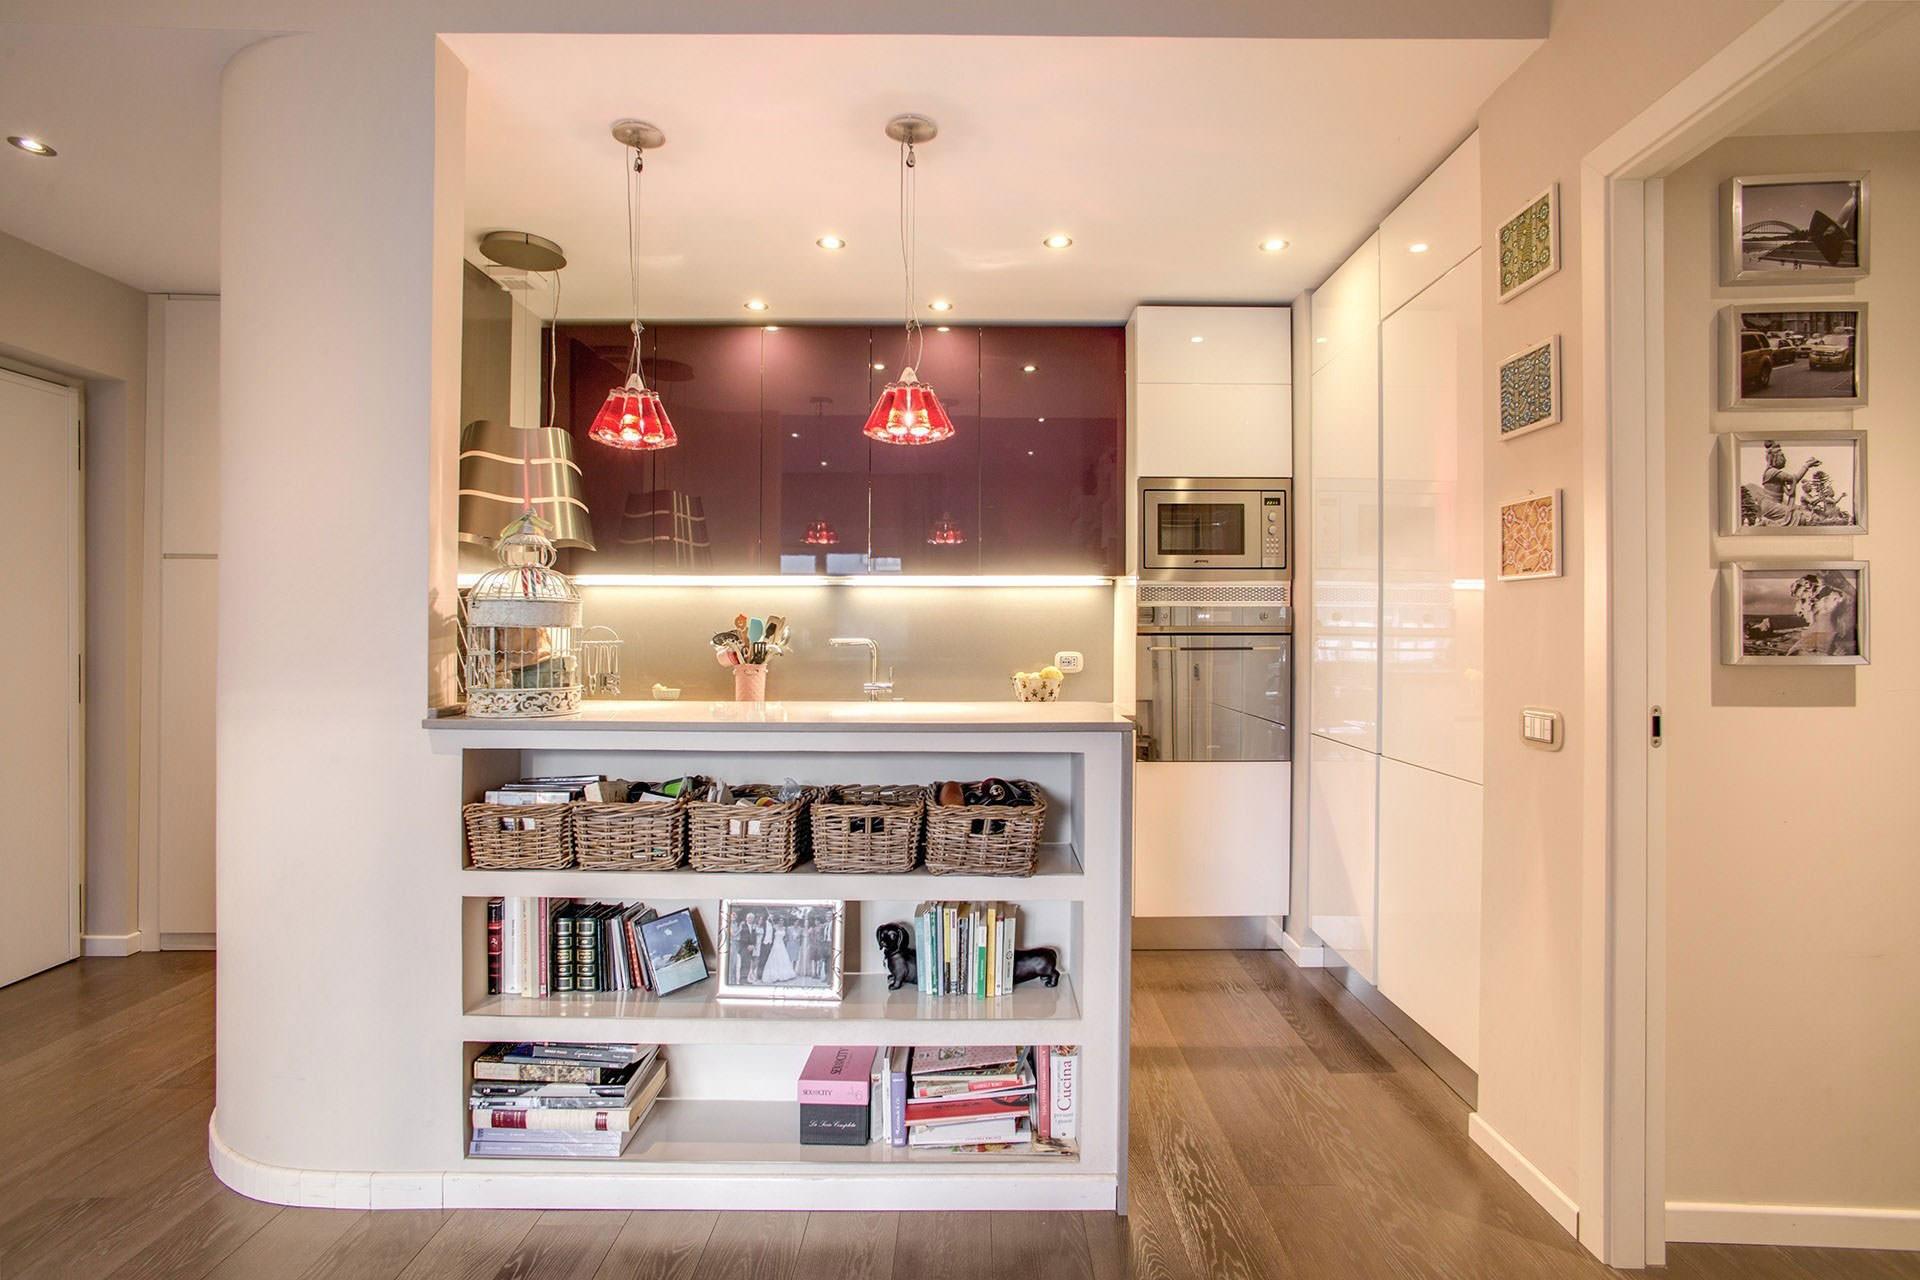 komforten-apartament-sas-sempal-dizain-v-rim-4g